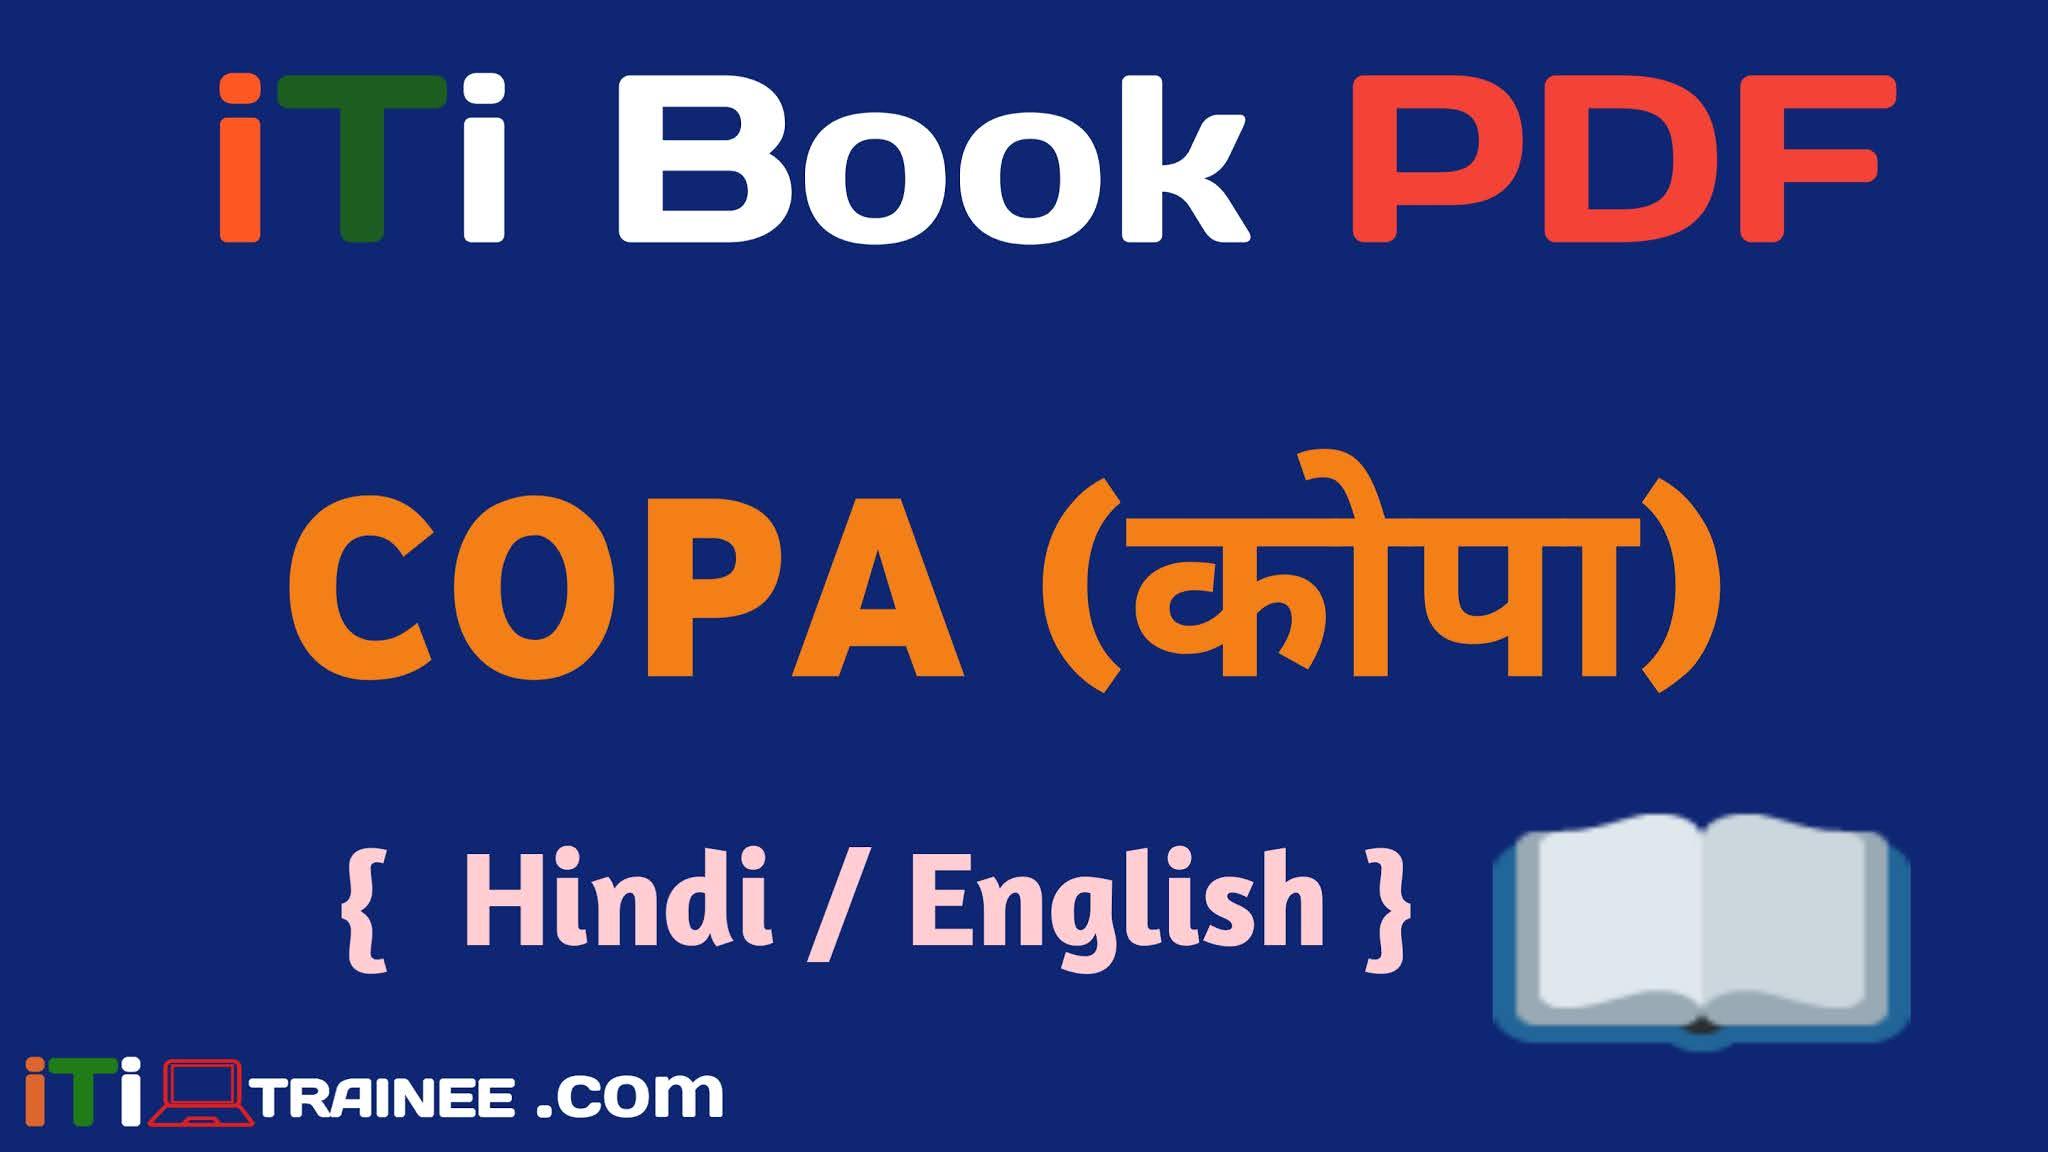 ITI COPA BOOK PDF Download